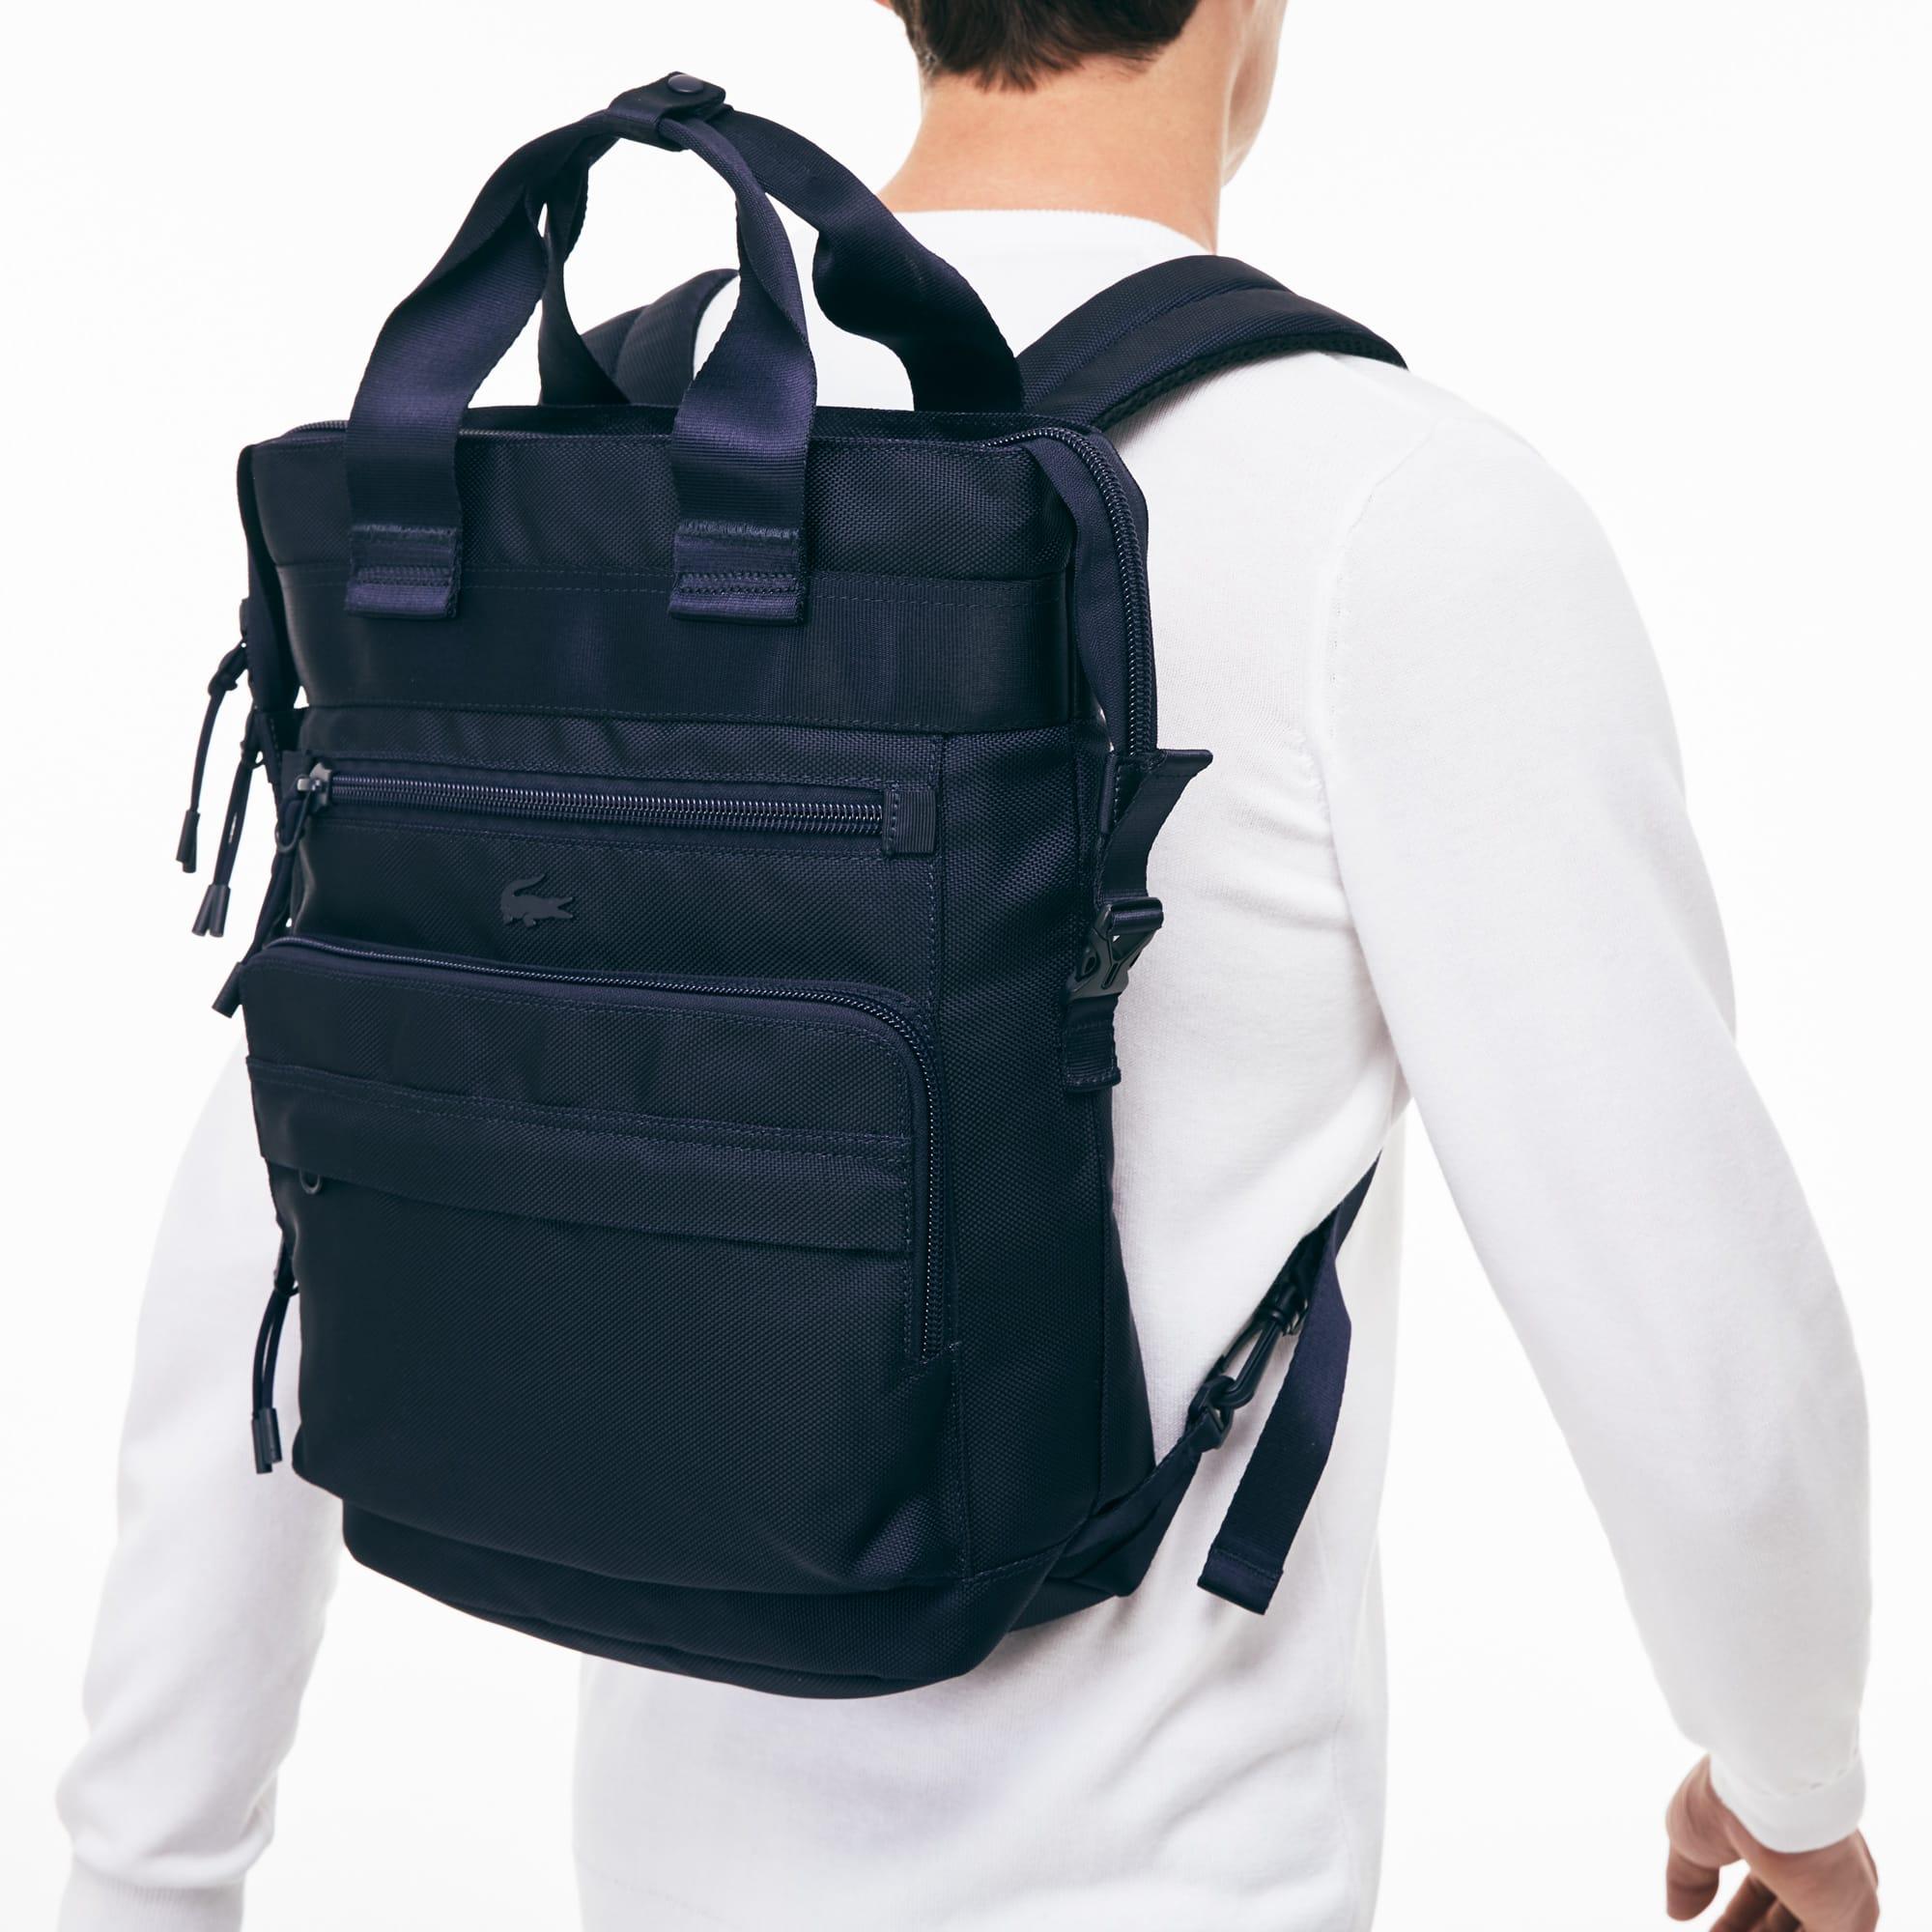 Men's Techni-City Lightweight Nylon Backpack Tote